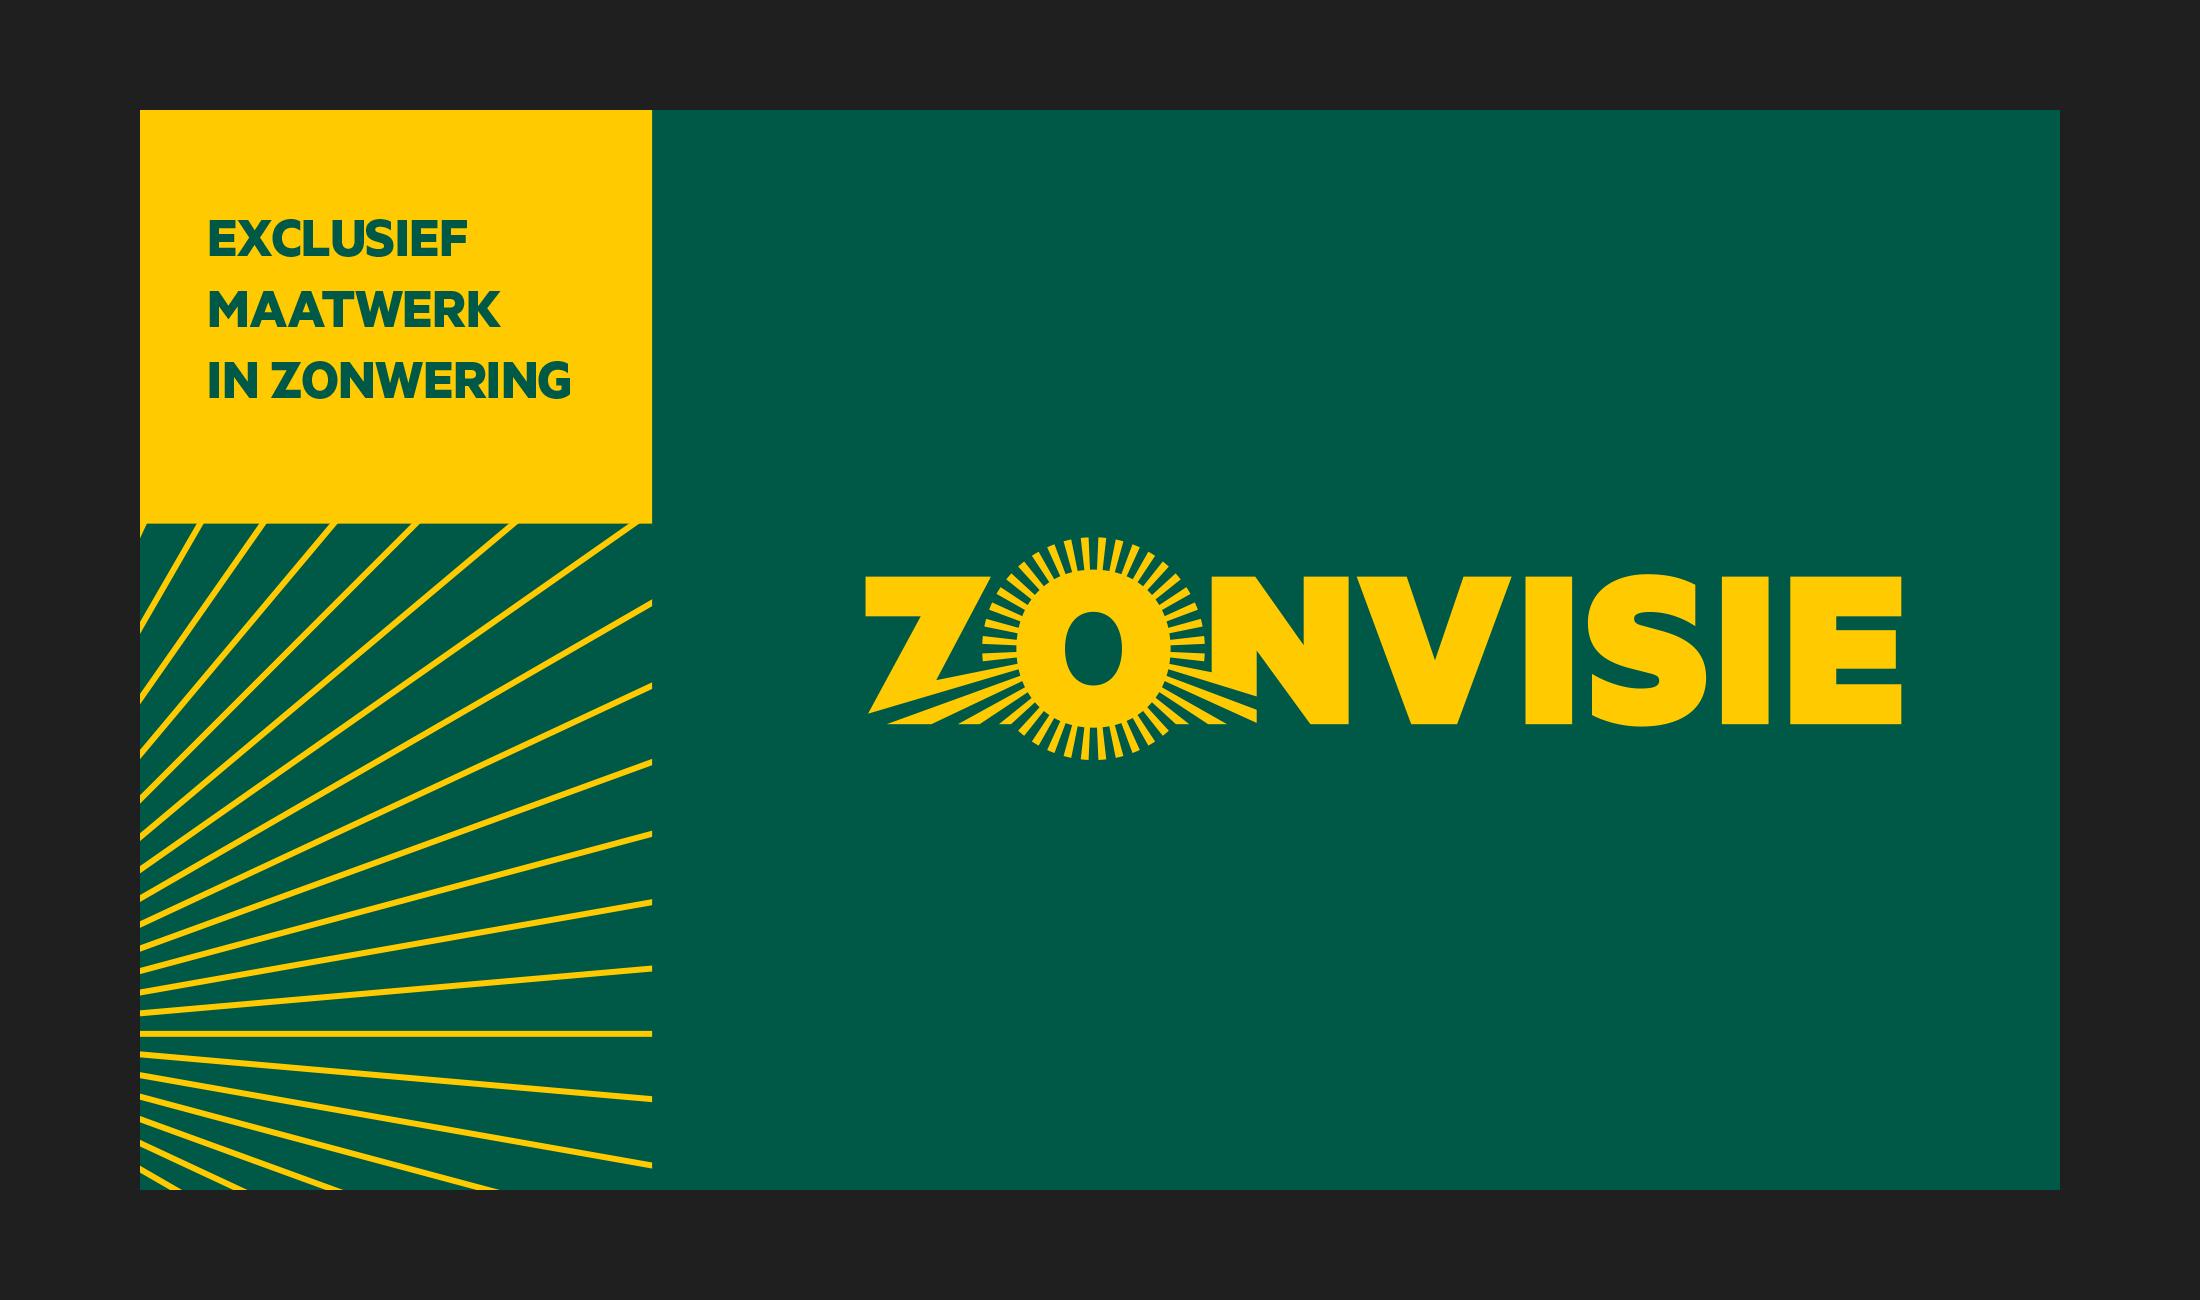 zonvisie_website-branding